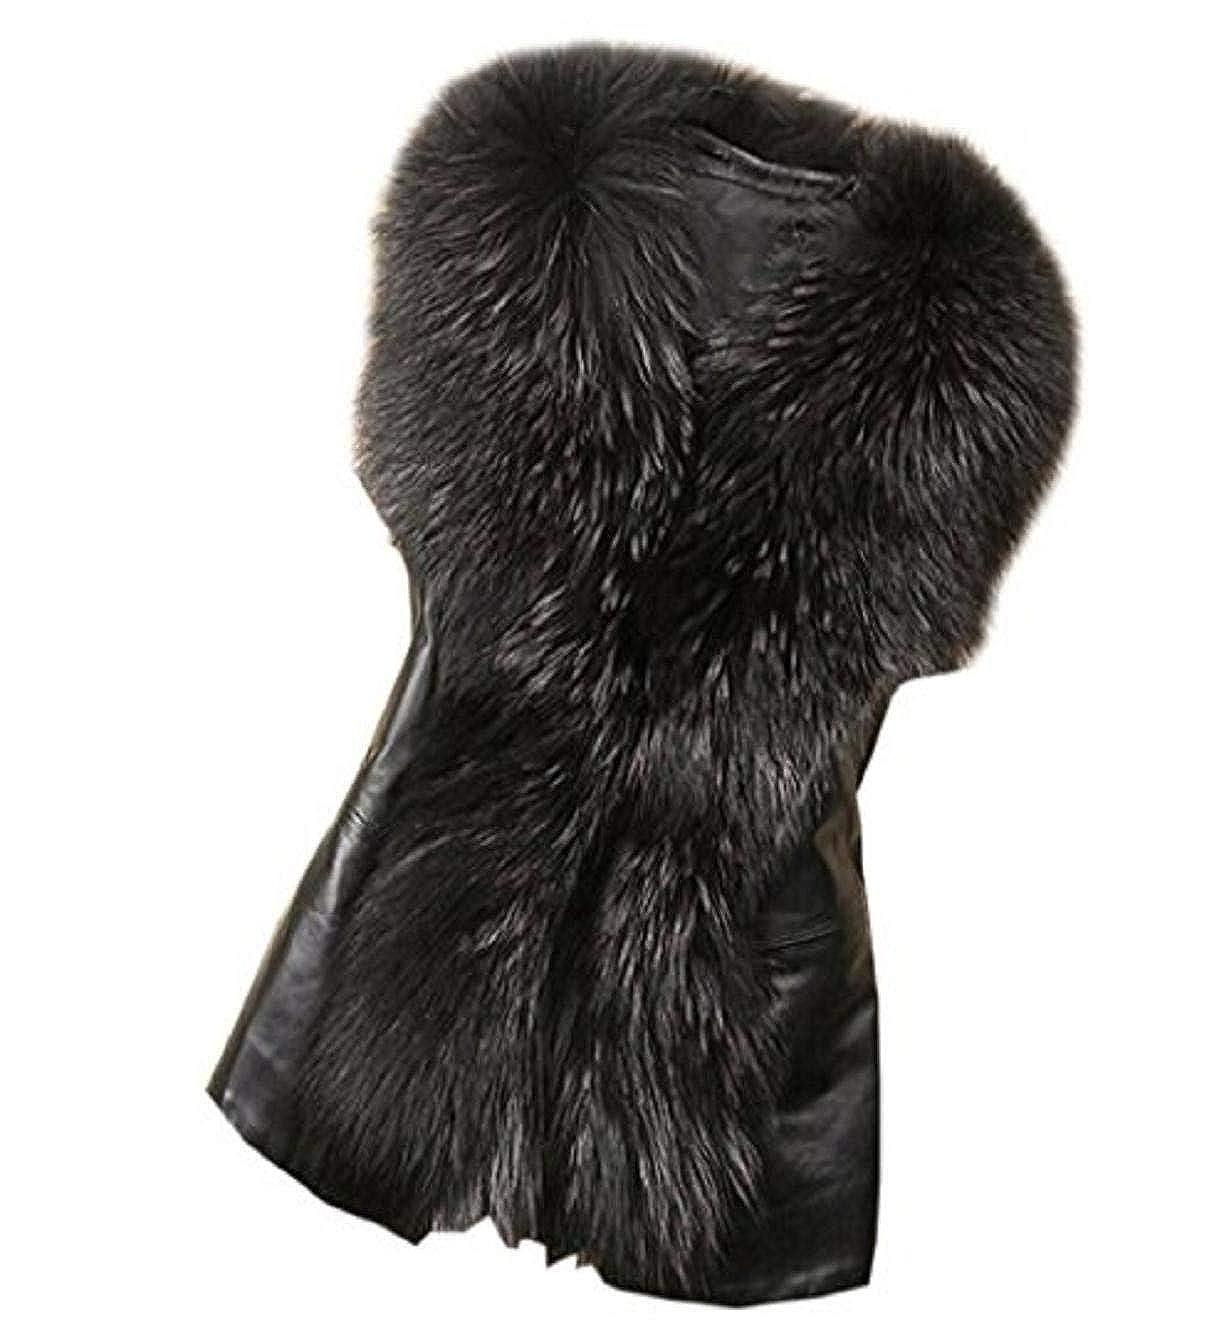 Donna Giacca di Pelle Autunno Invernali Eleganti Corto Giacca Pelliccia di Moda Fashion Giacche Unico Slim Fit Classiche Caldo Outerwear Smanicato Giubbino Pelle Donne